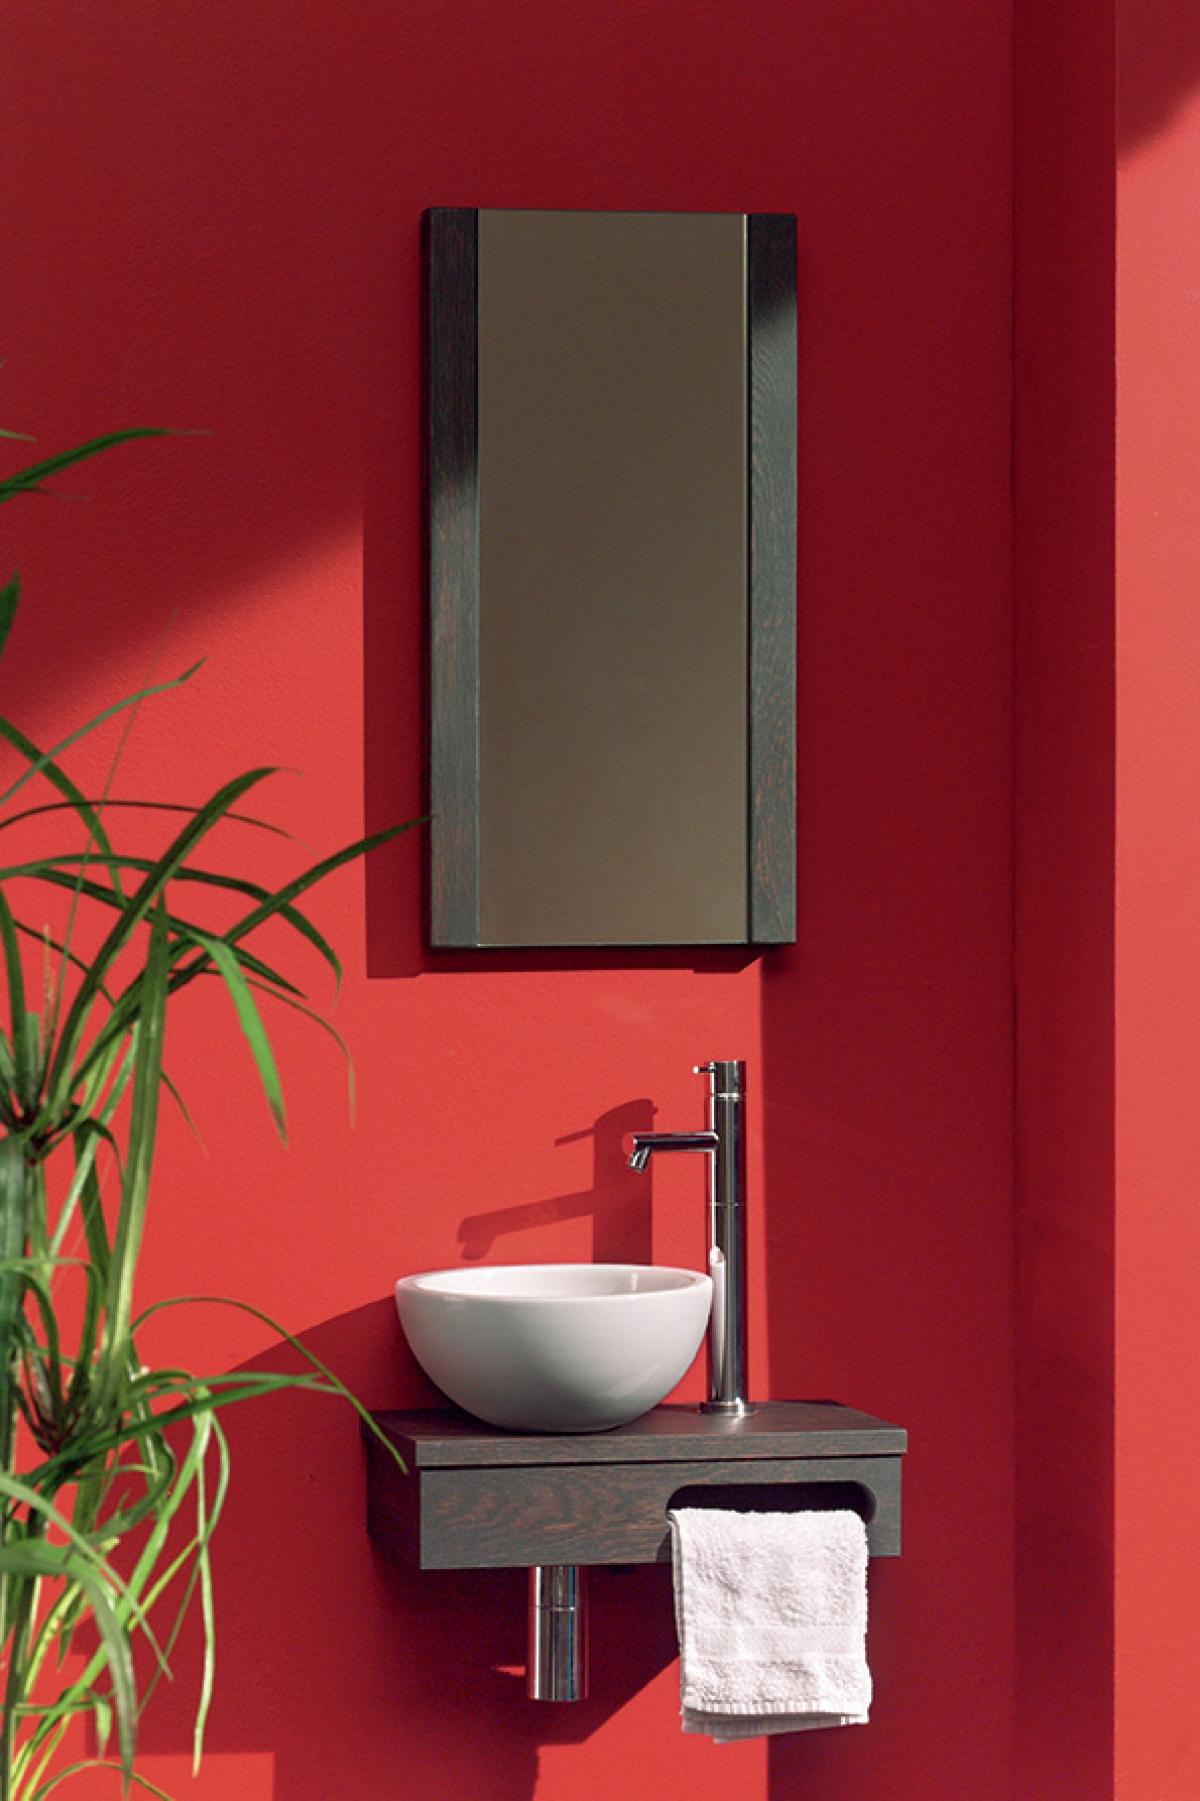 ensemble lave mains et miroir nano f f induscabel salle de bains chauffage et cuisine. Black Bedroom Furniture Sets. Home Design Ideas